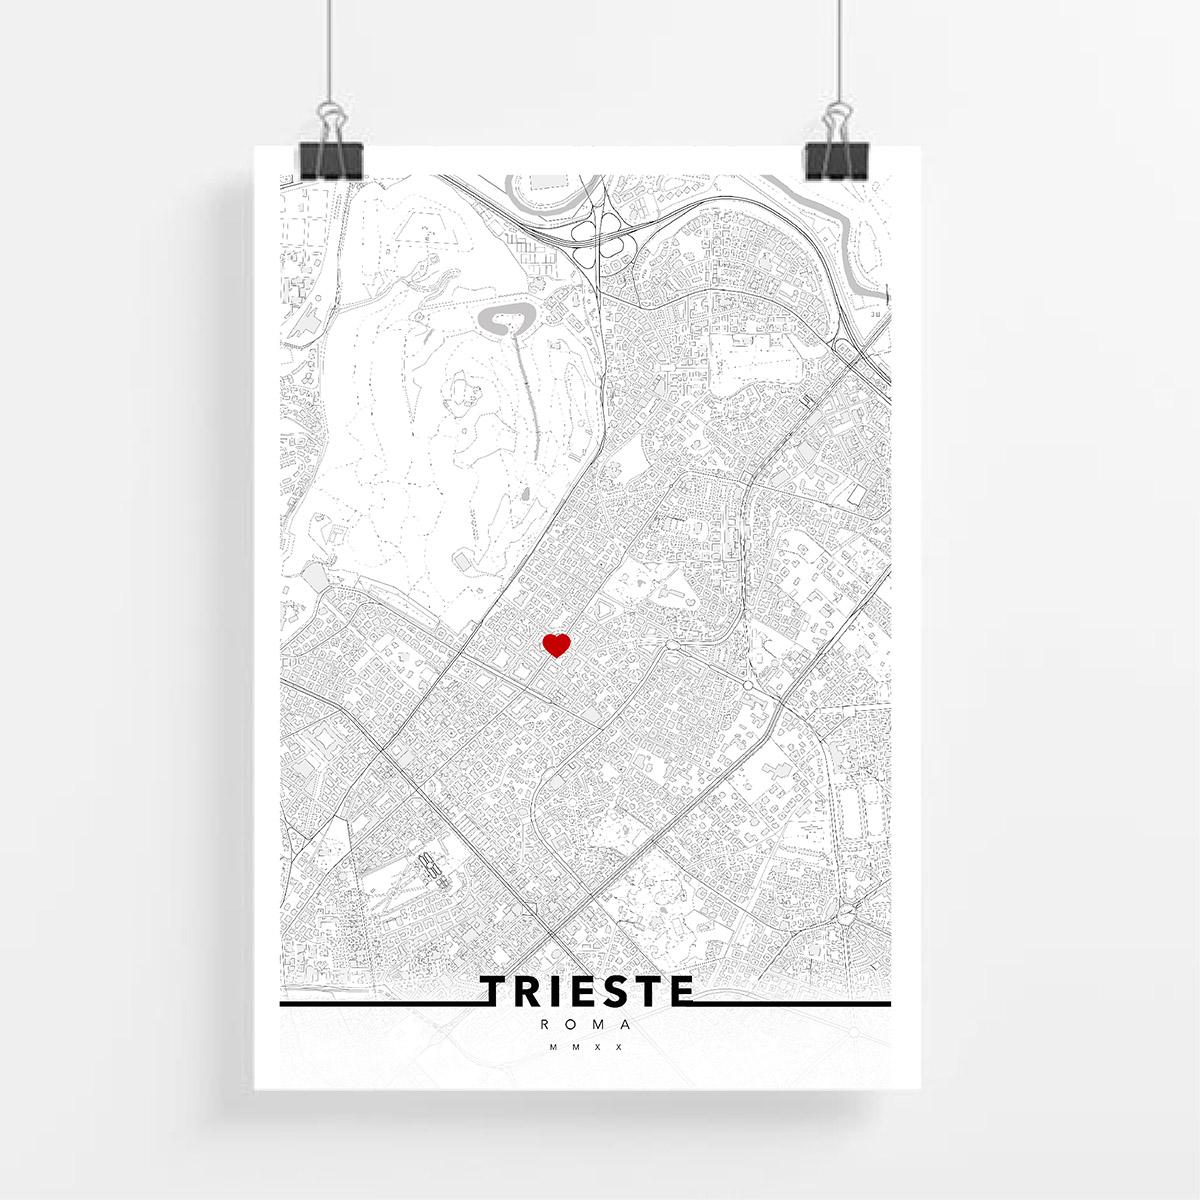 urbe mmxx mappa roma quartiere trieste